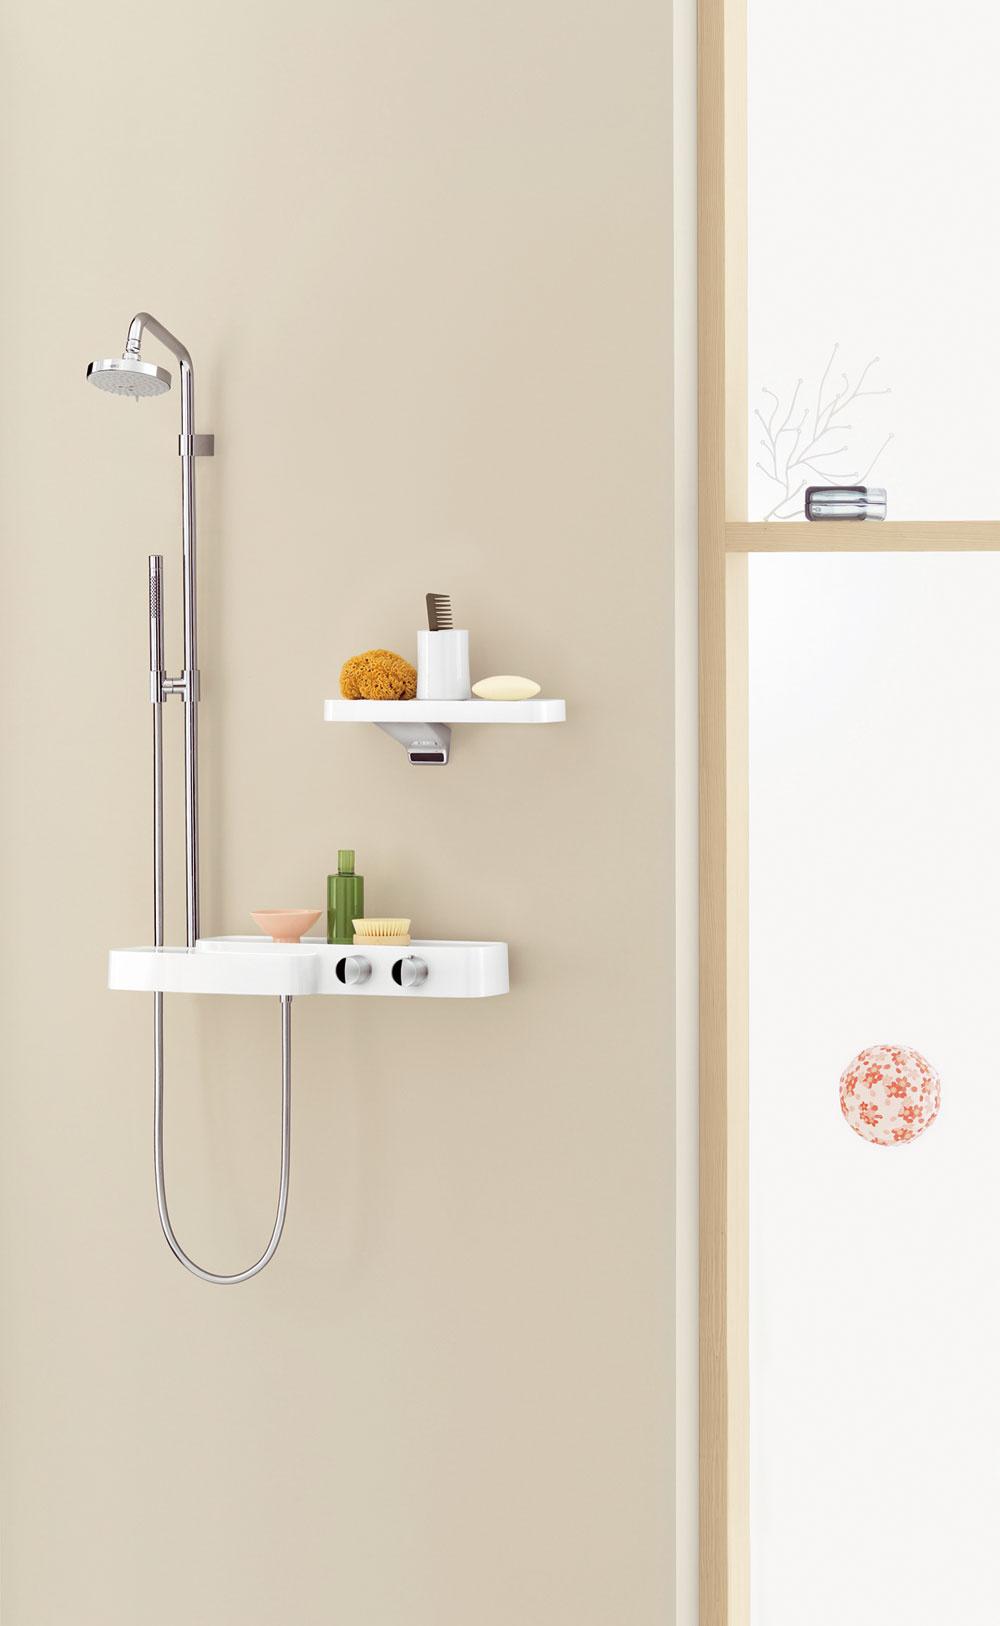 Krajina okolo vane asprchy. Možnosti tvarovania pokračujú vcelom priestore kúpeľne od sprchovacieho kúta až krôznym odkladacím plochám apoličkám okolo vane.